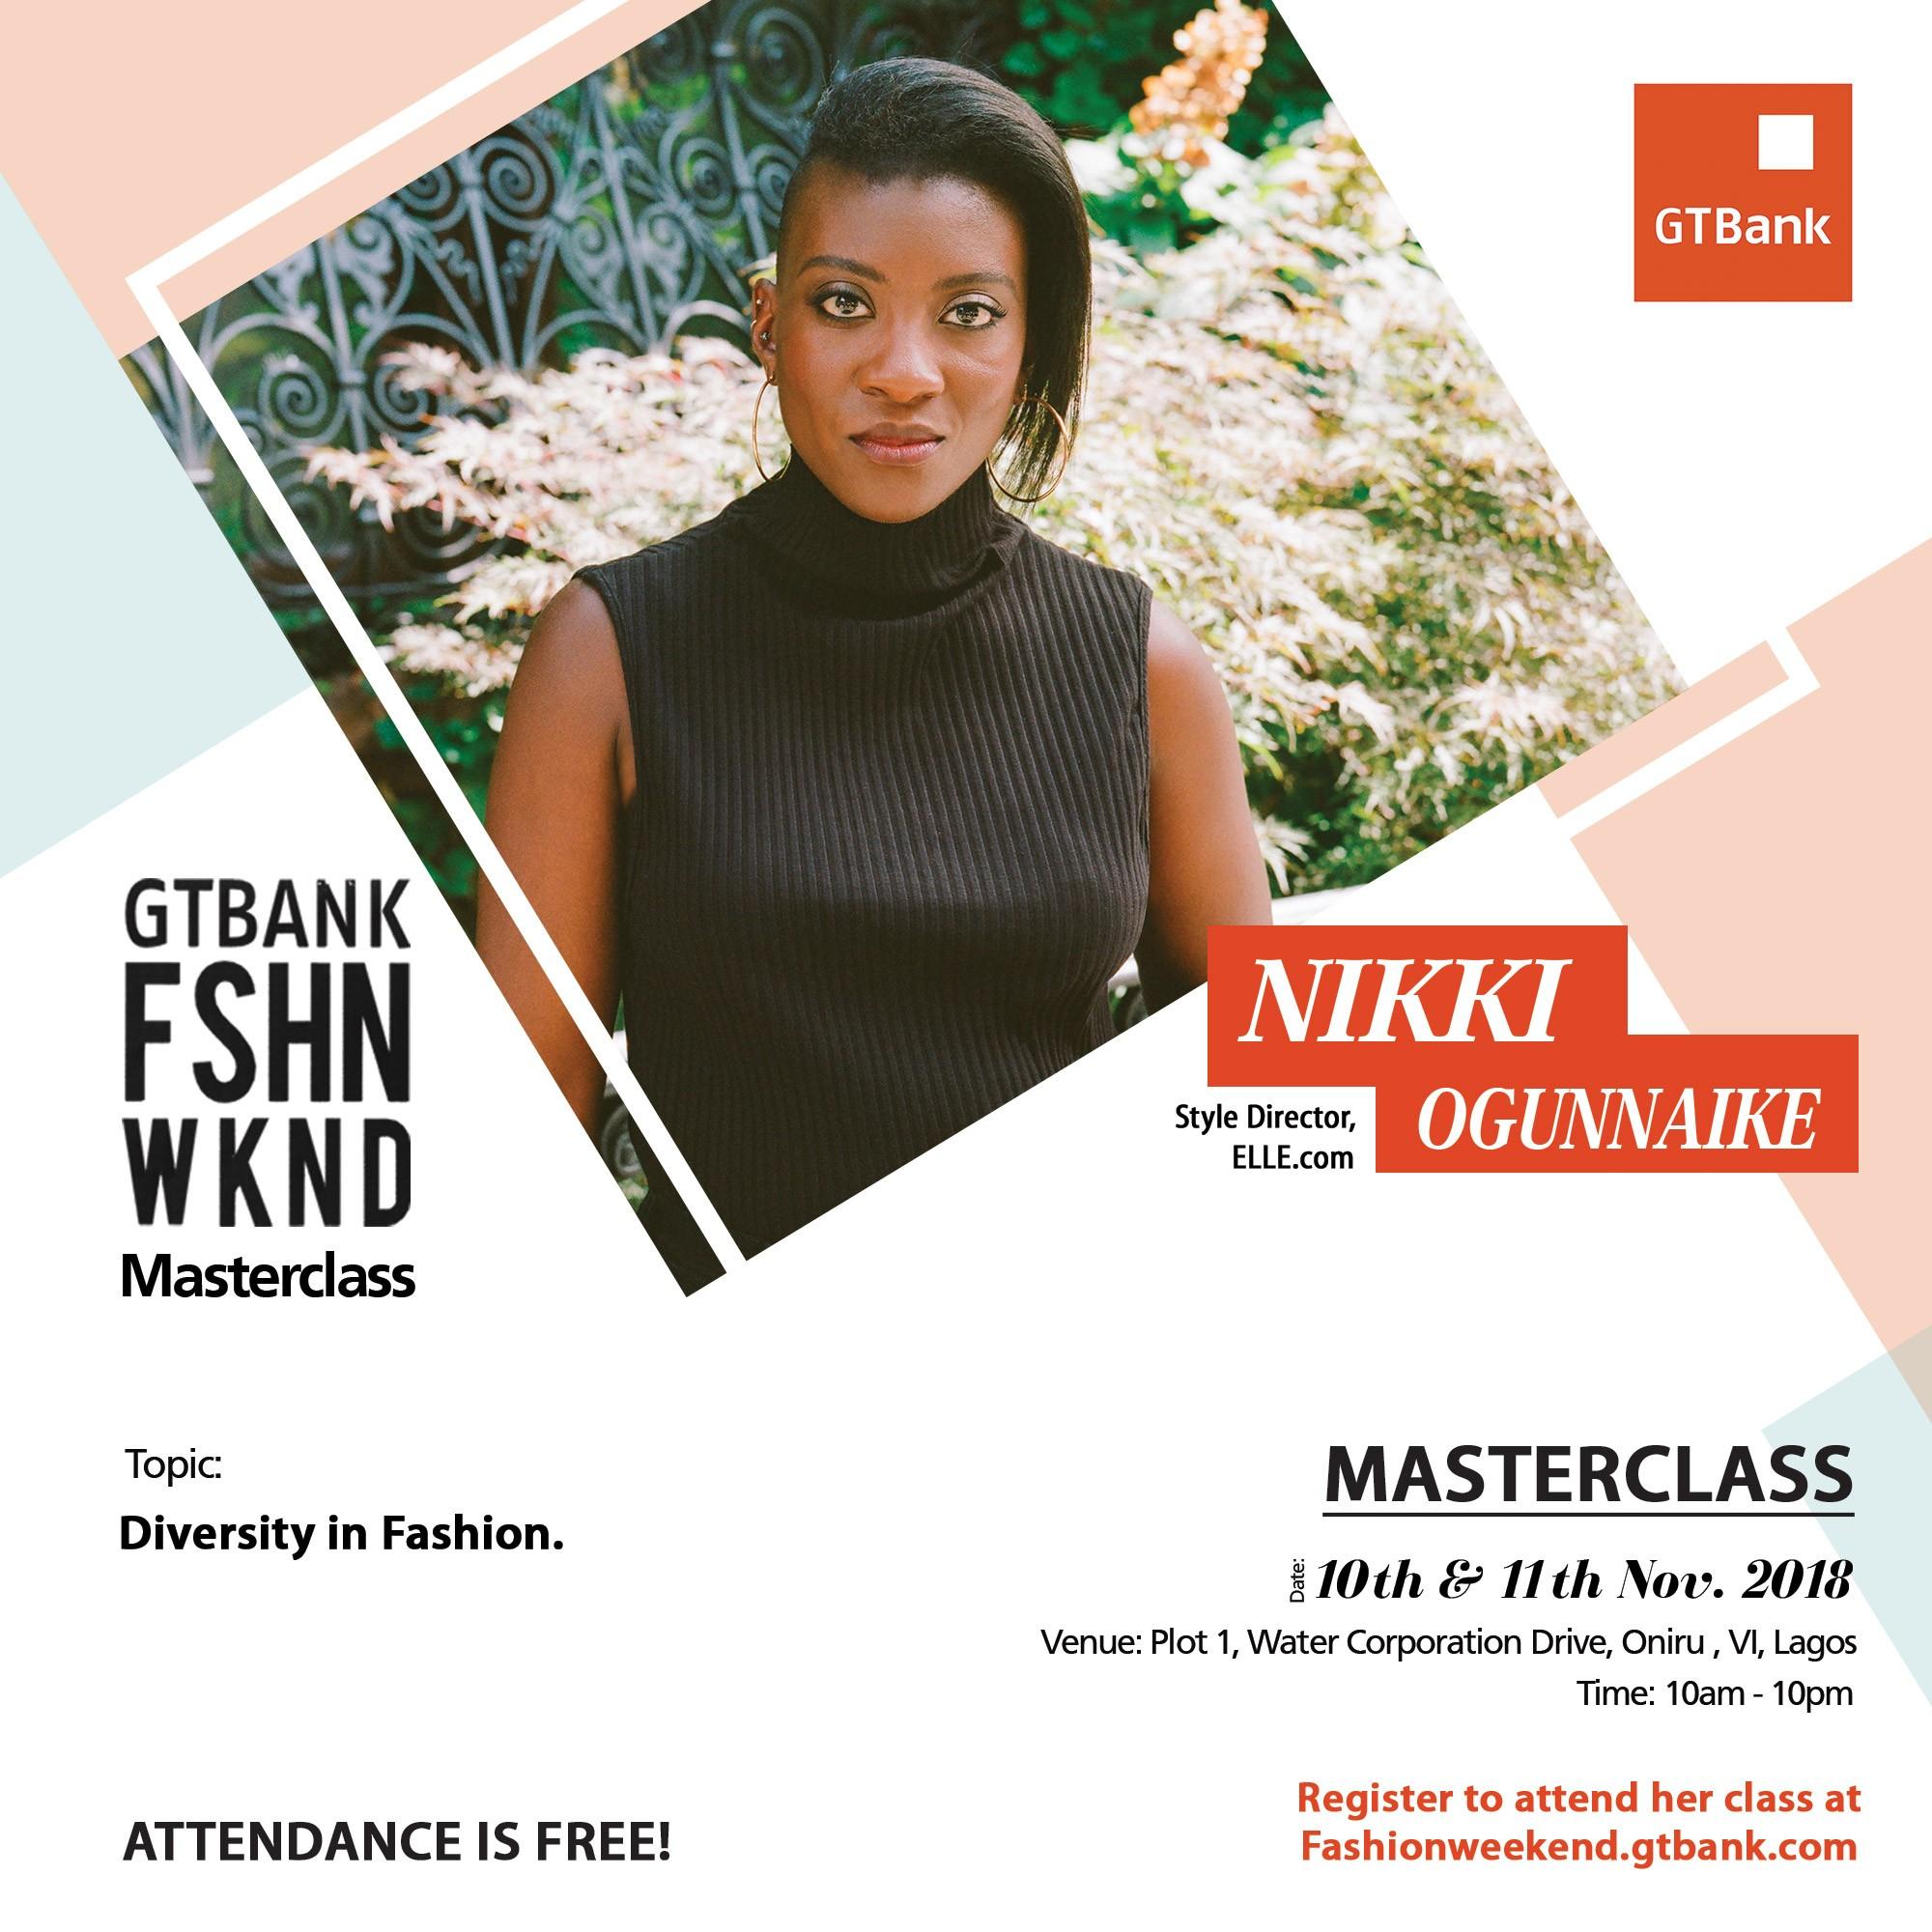 Nikki Ogunnaike Style Director